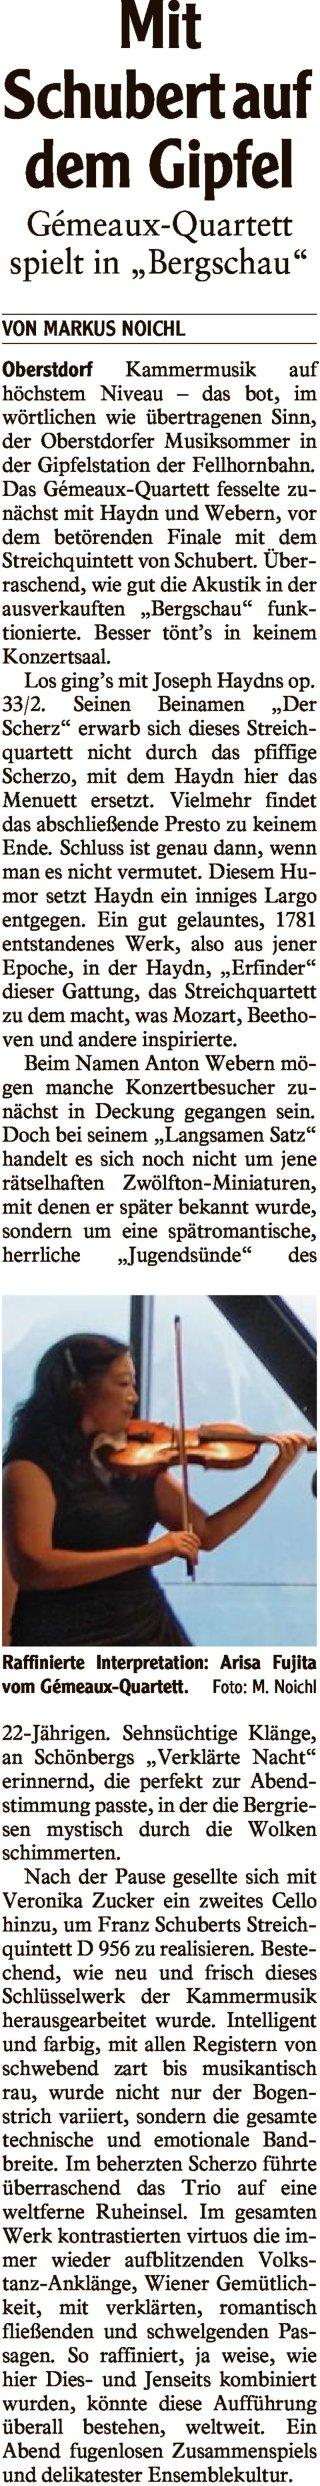 2018-08-04 Allgaeuer Anzeigeblatt Mit Schubert auf dem Gipfel